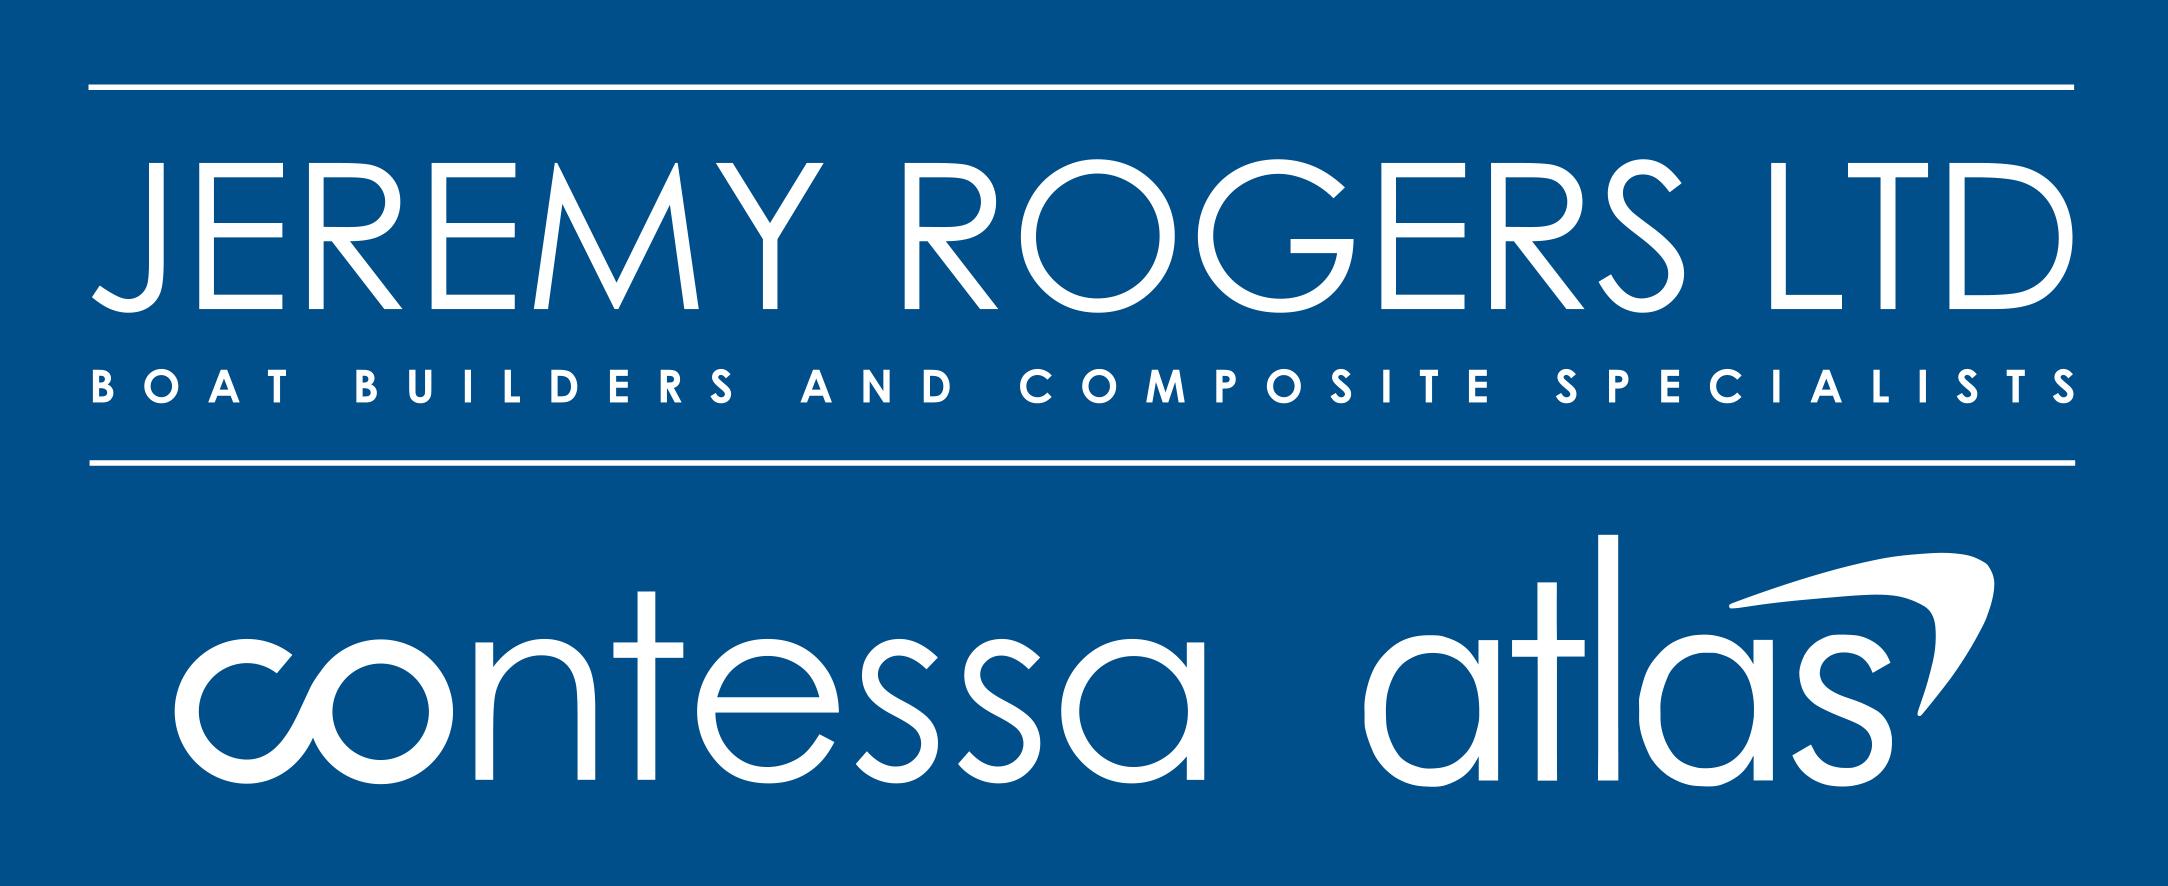 Jeremy Roger Ltd